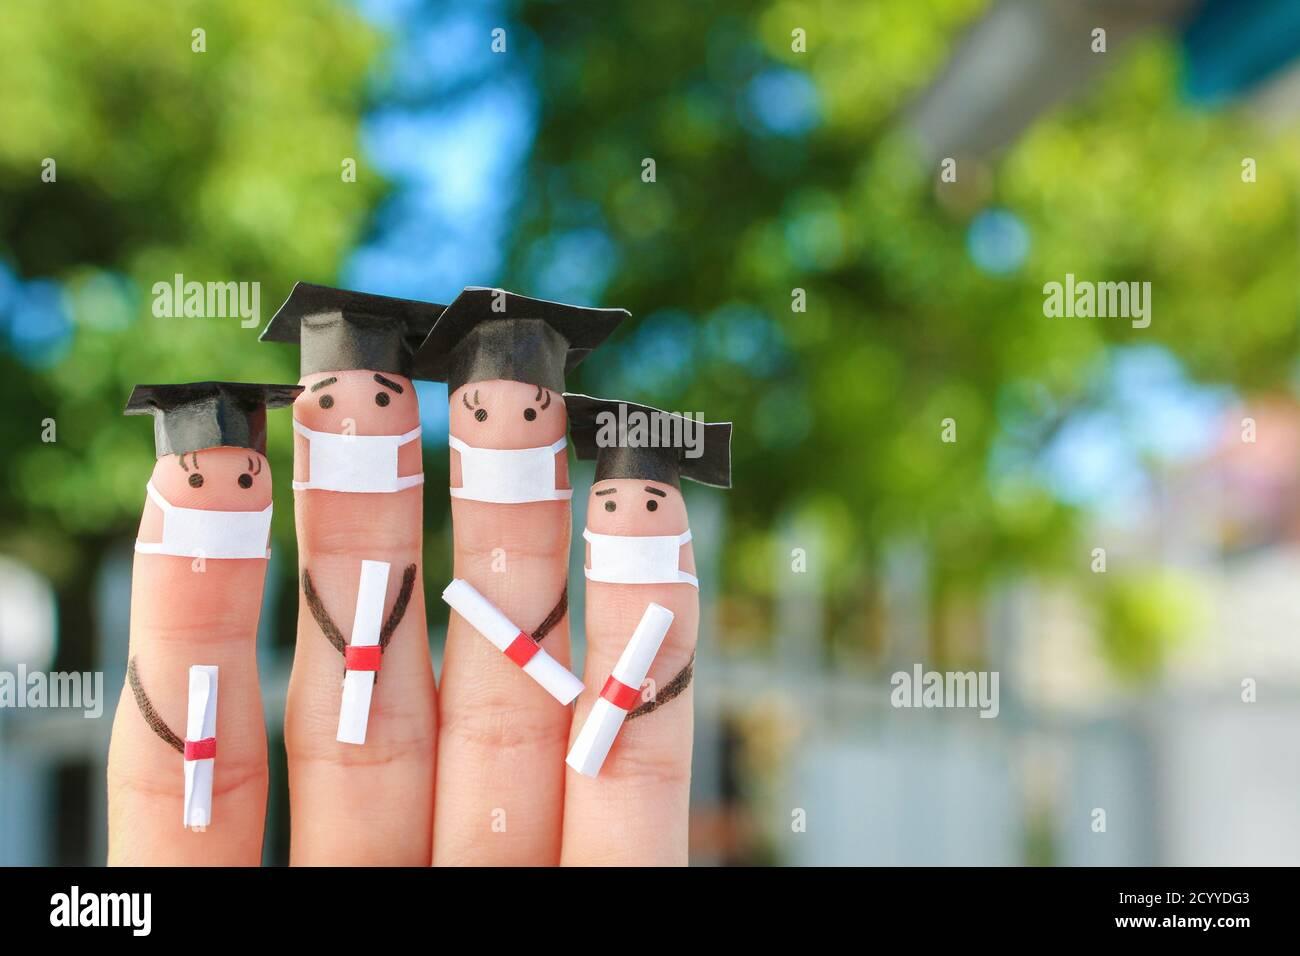 Arte de los dedos de los estudiantes en máscara médica de COVID-2019. Graduados que tienen su diploma después de graduarse. Foto de stock